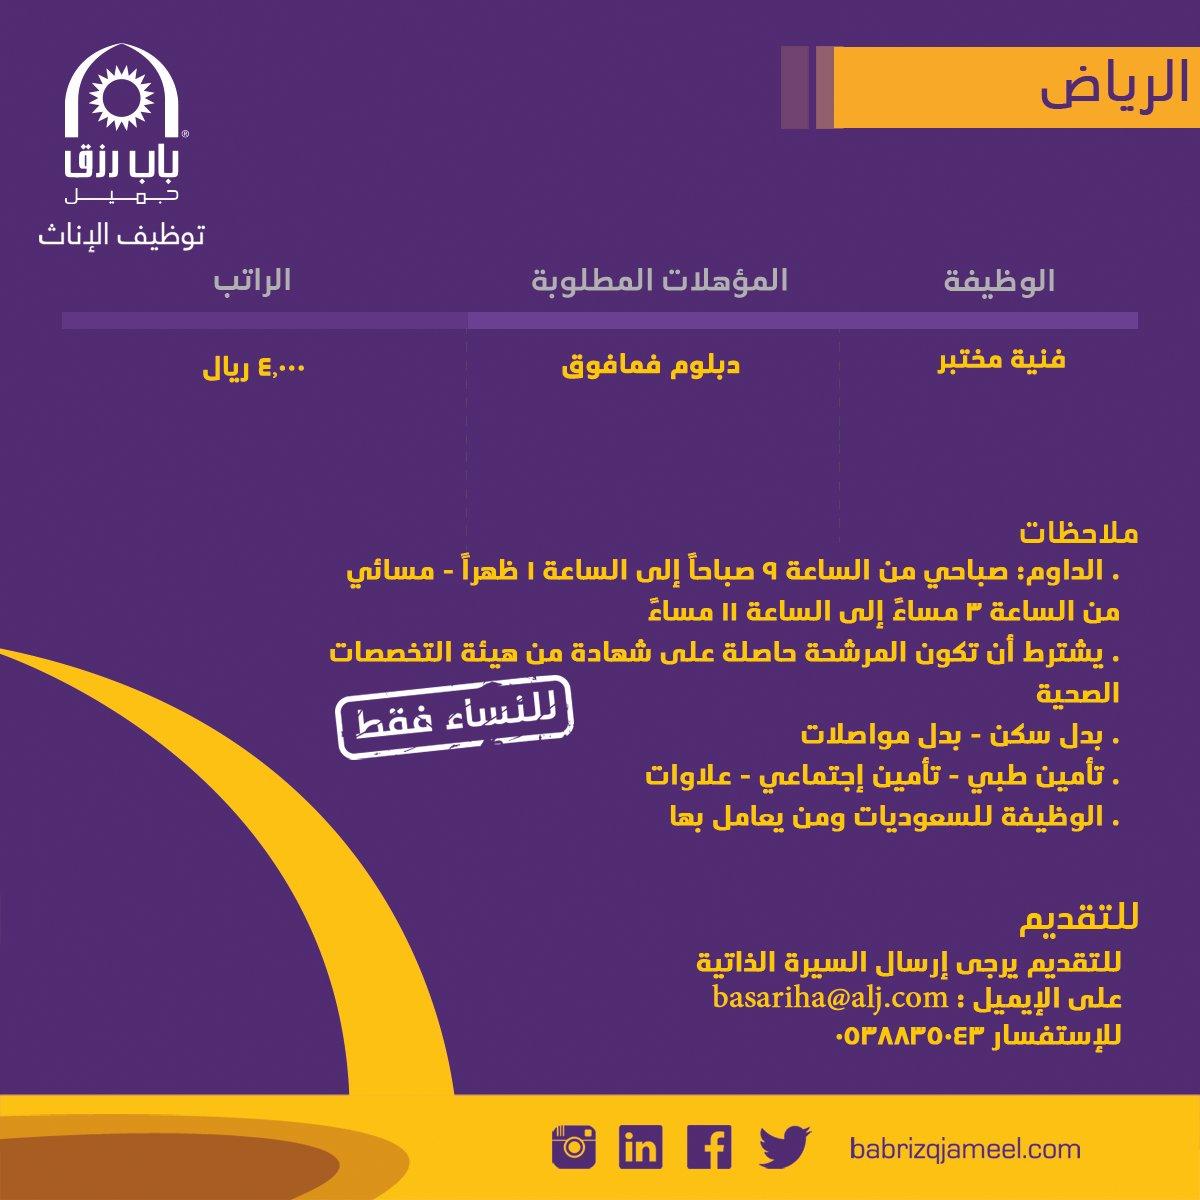 مطلوب فنية مختبر - الرياض